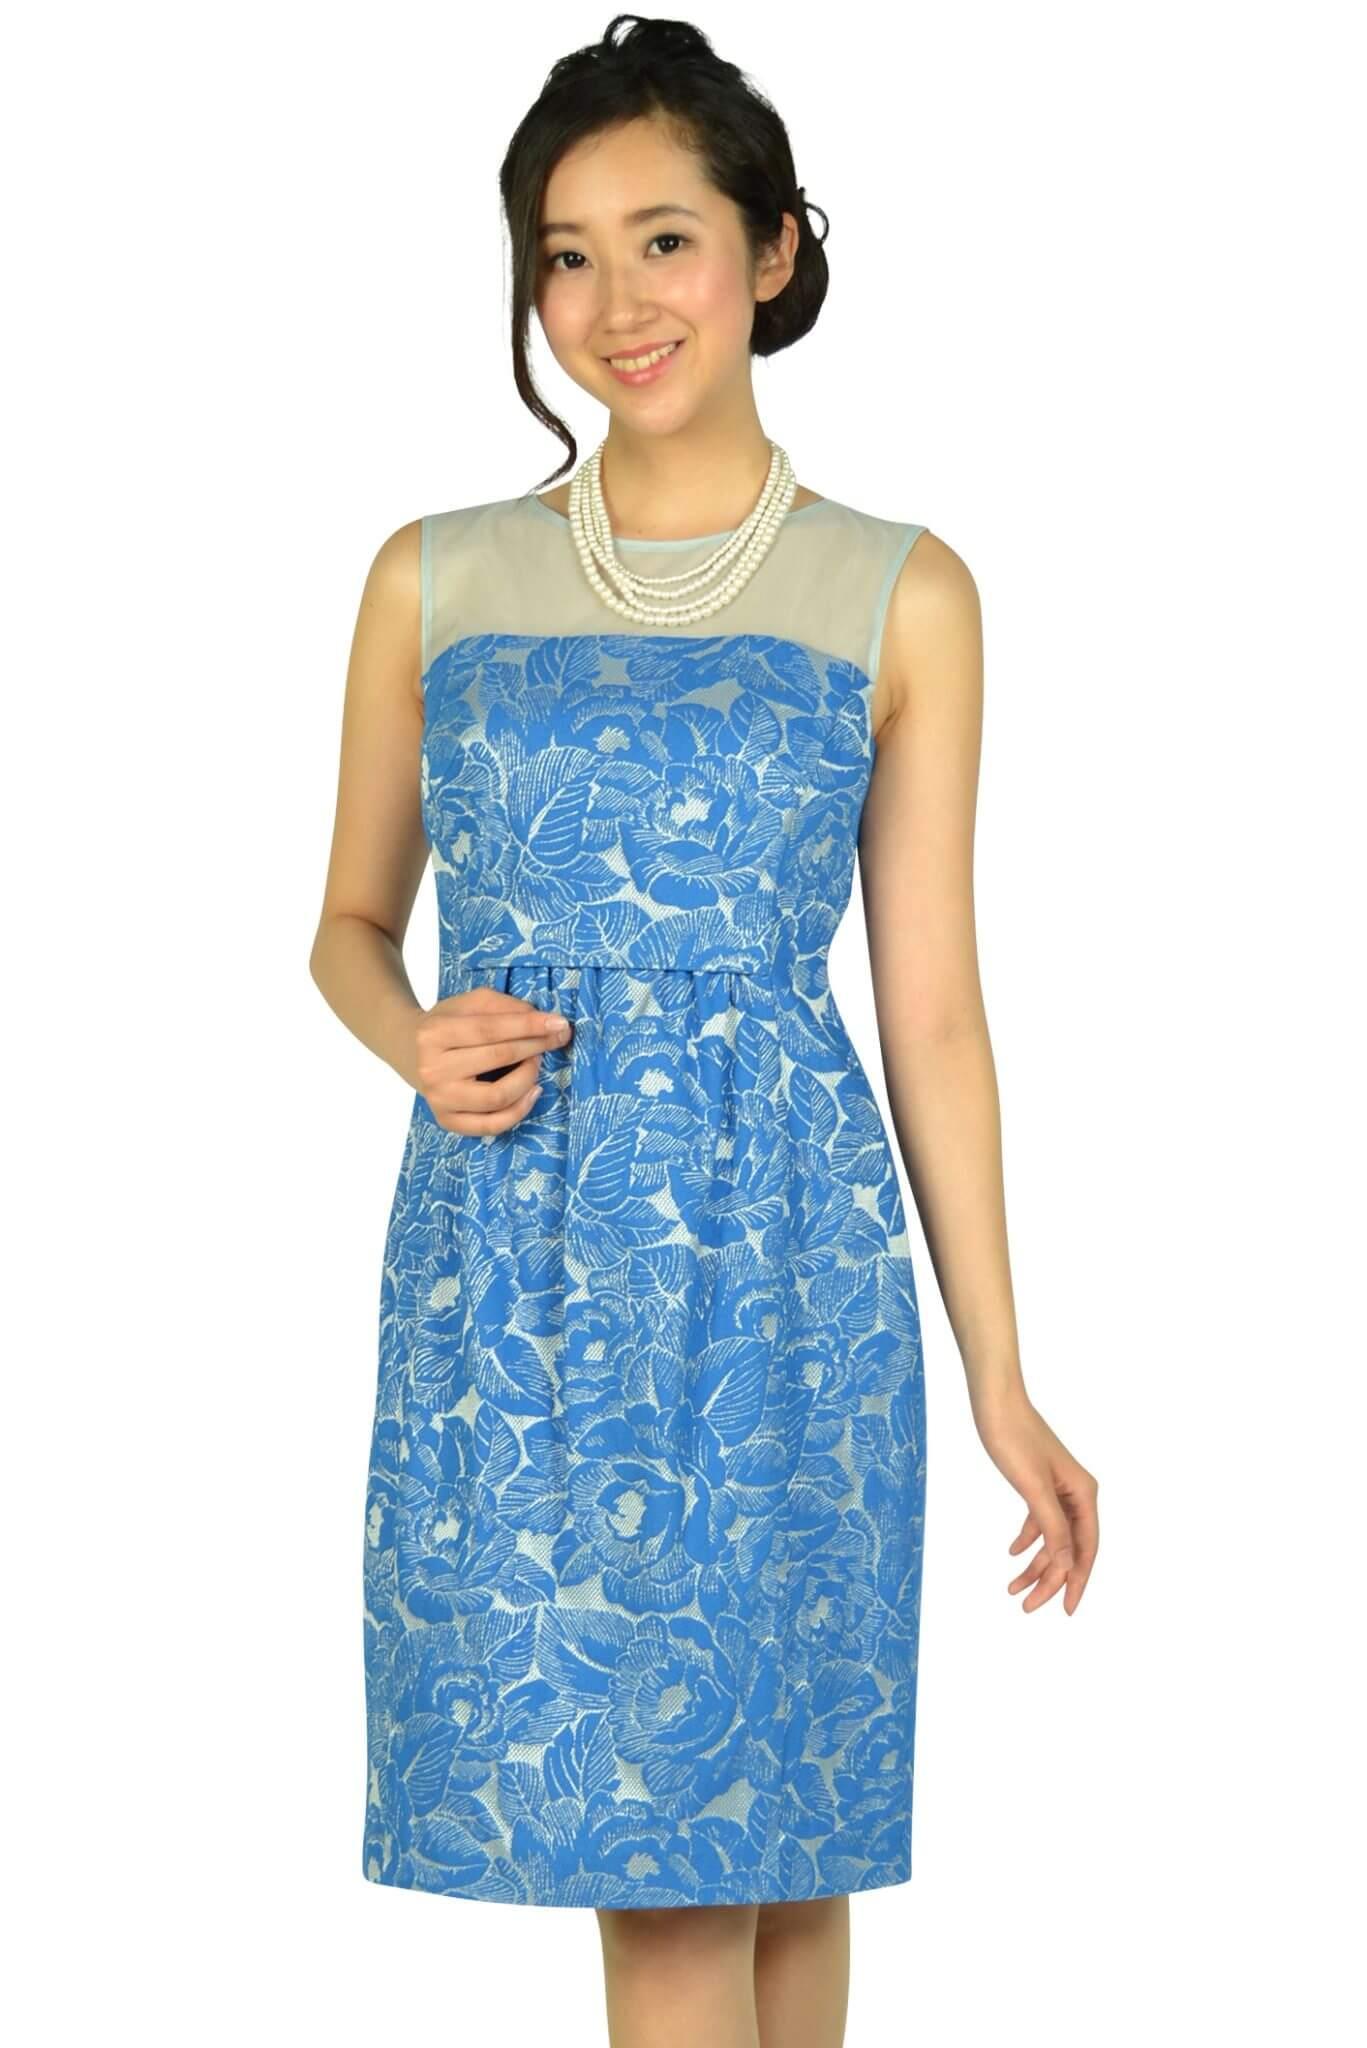 プリフェレンスパーティーズ (PREFERENCE PARTY'S)フラワー刺繍ブルードレス